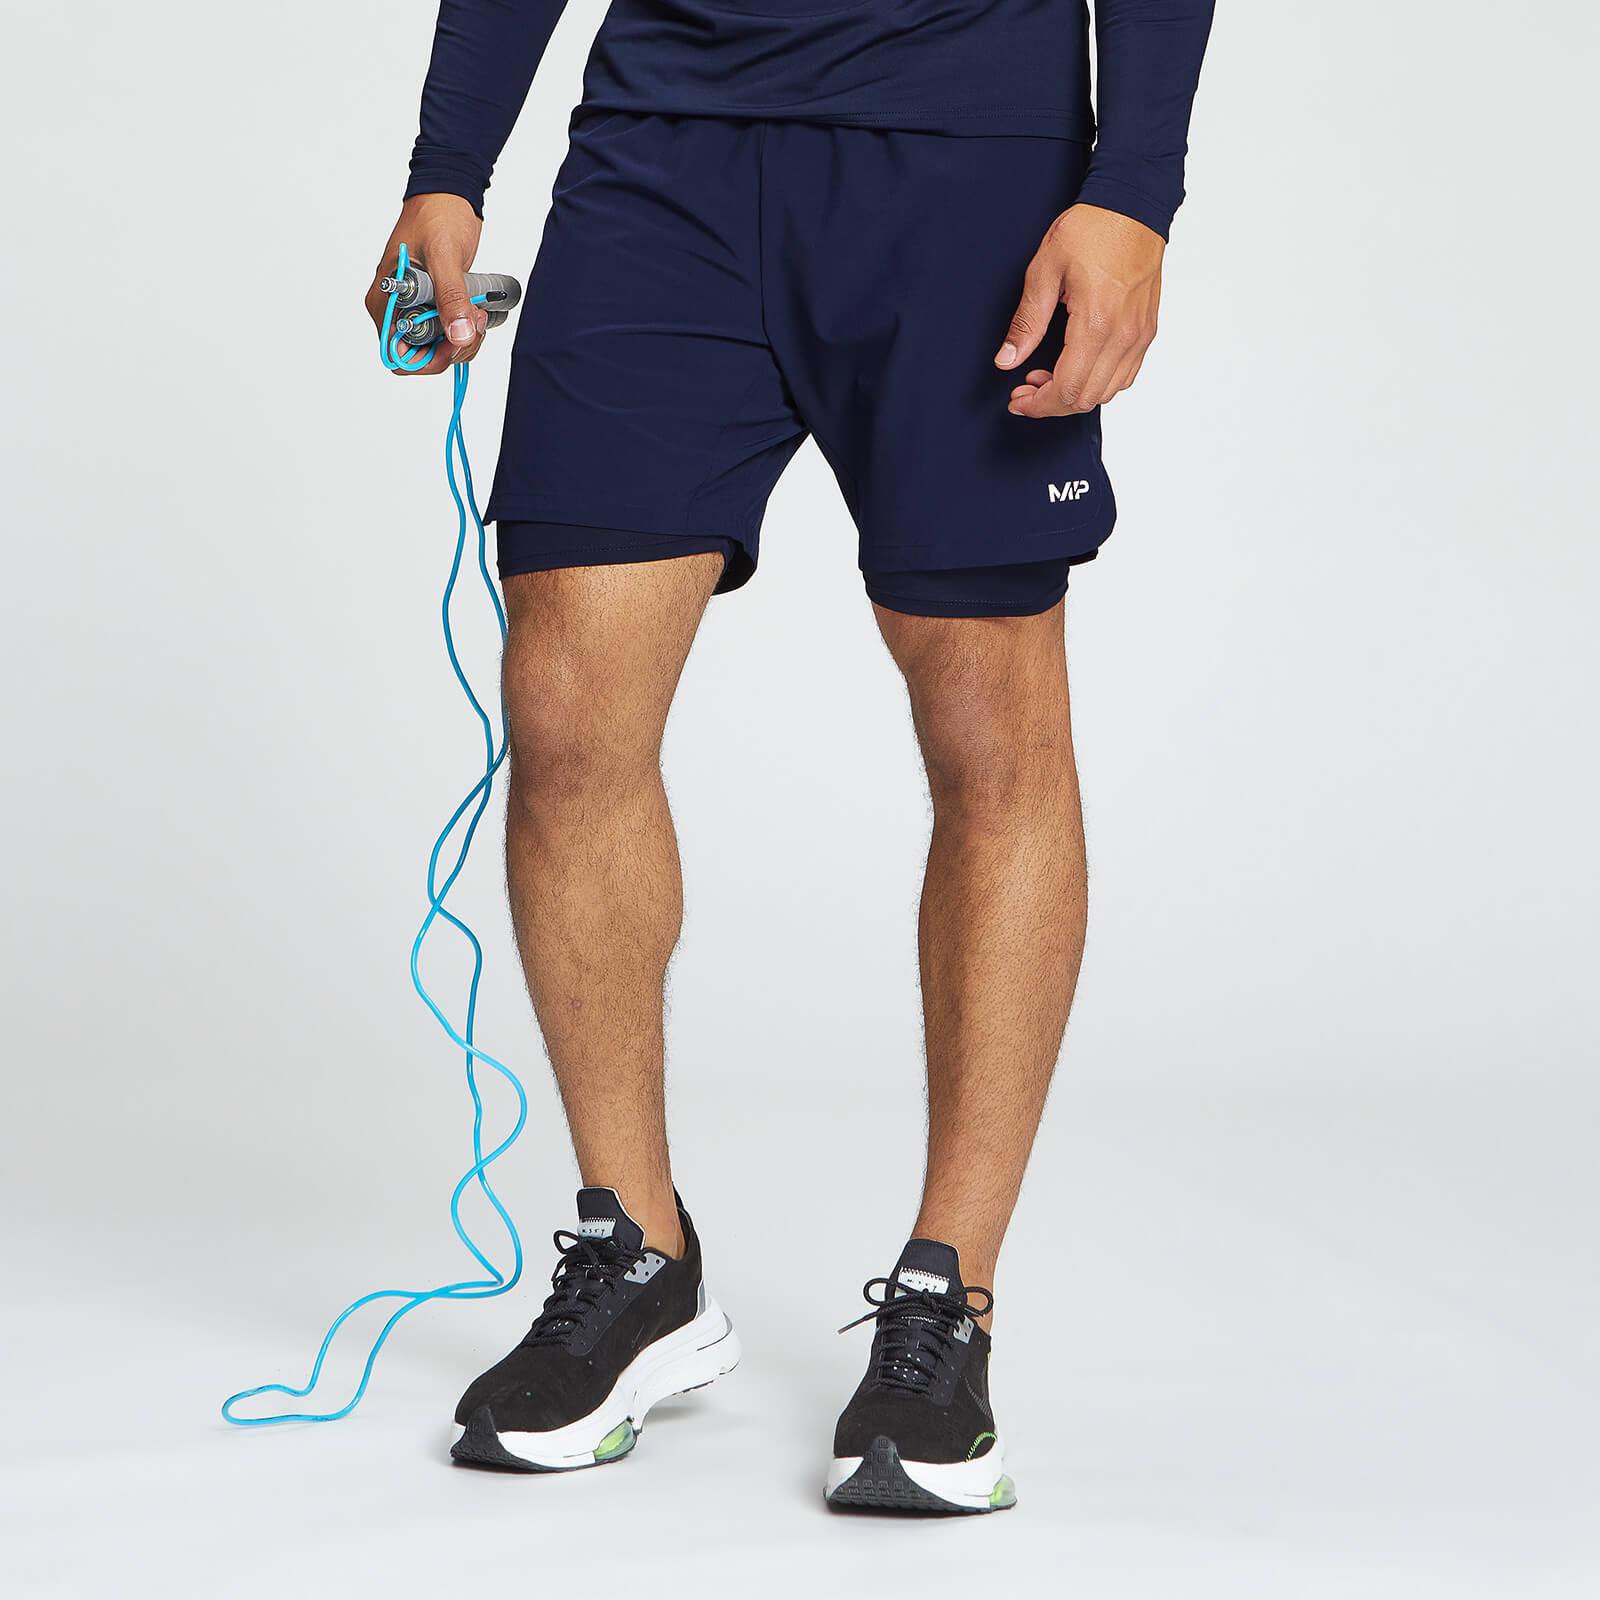 Купить Мужские спортивные шорты MP Essentials 2 в 1 - XXL, Myprotein International